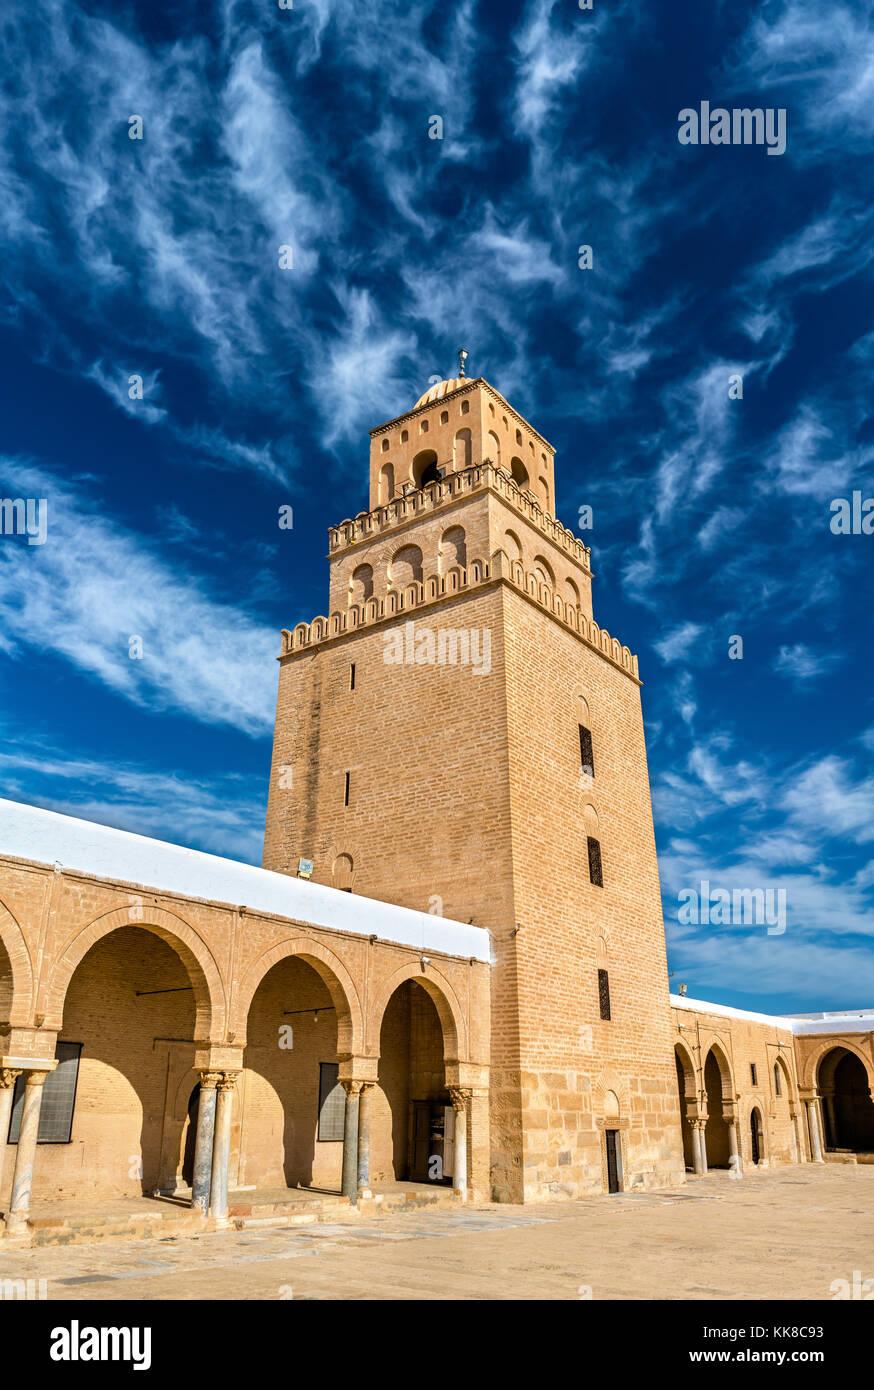 La gran mezquita de Kairouan en Túnez Imagen De Stock